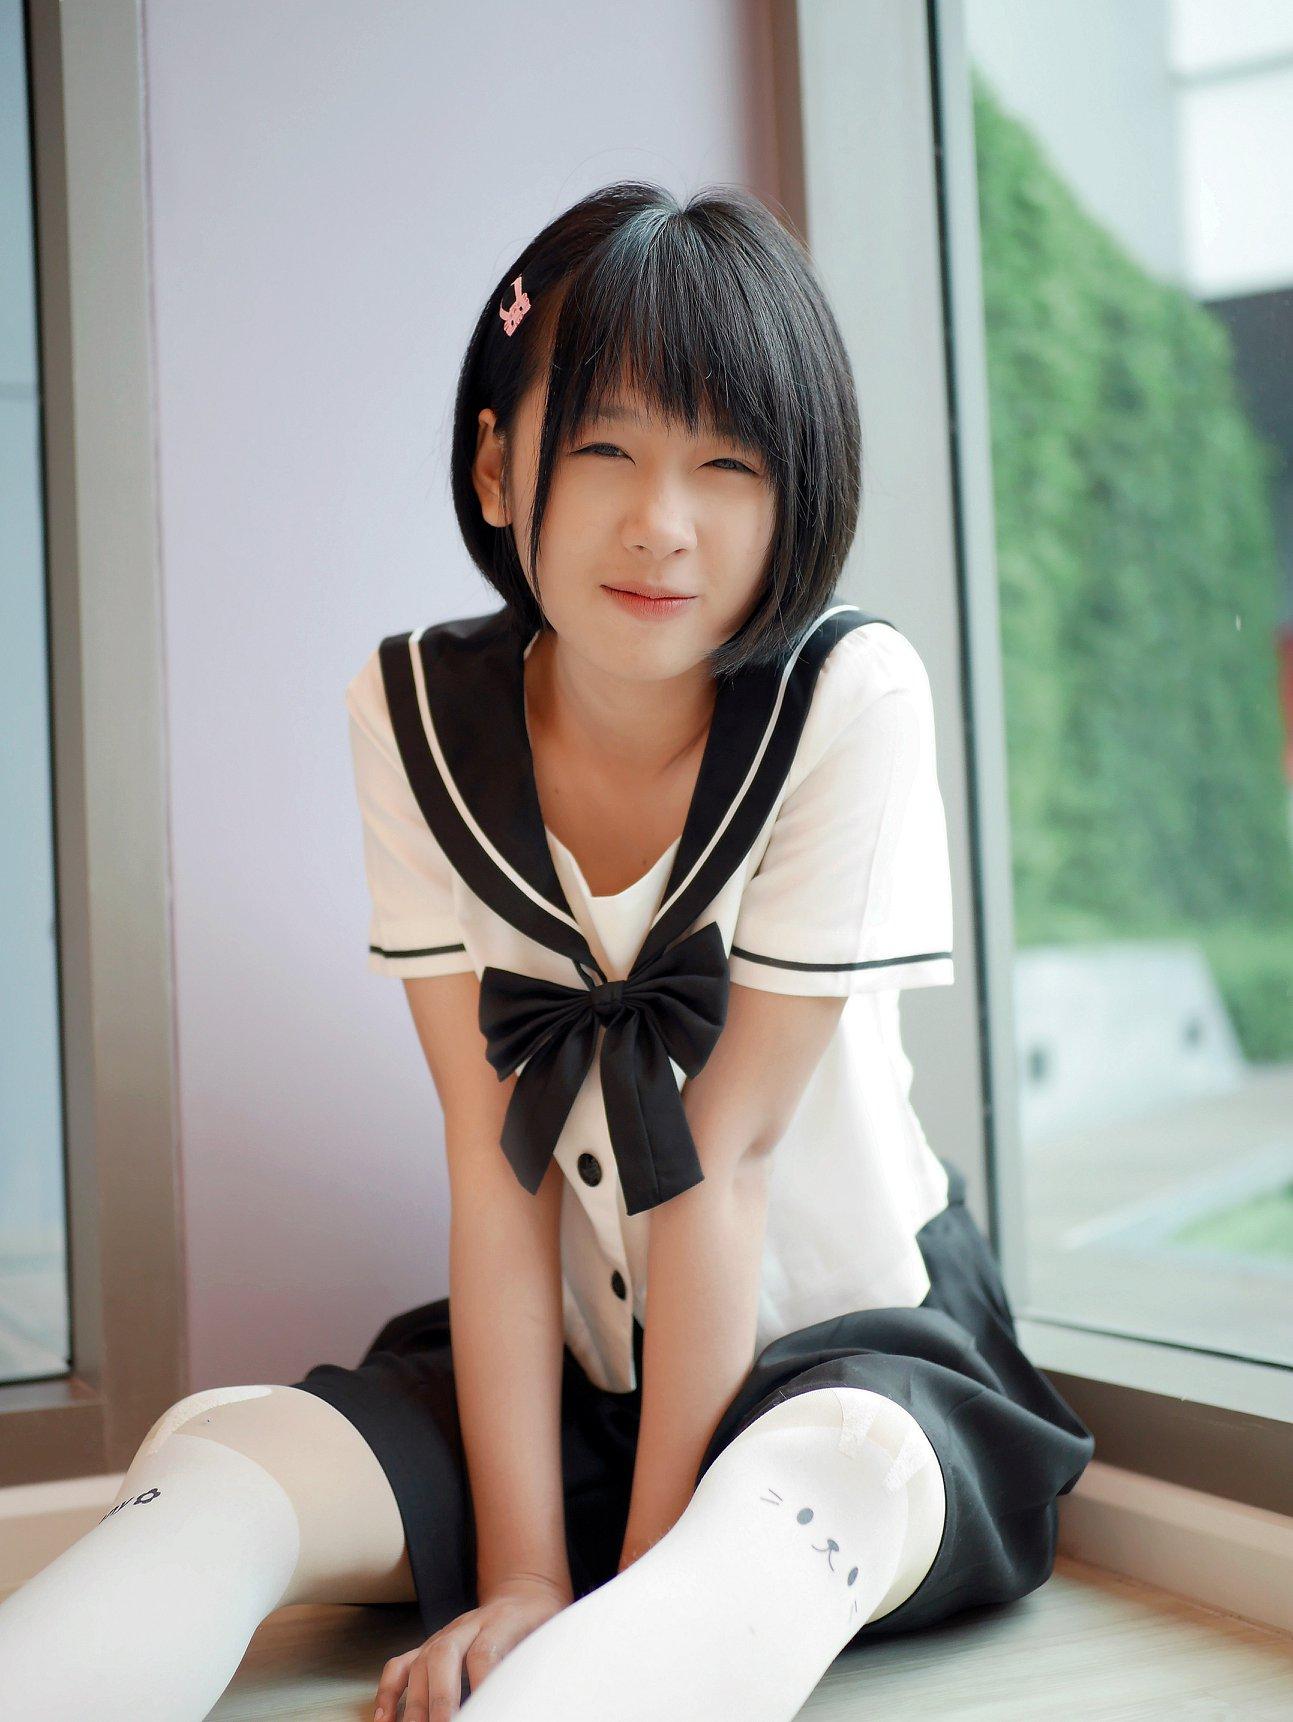 推特疯传《泰国JG美少女》原本以为的伪娘,真相却让网友大感失望?插图4